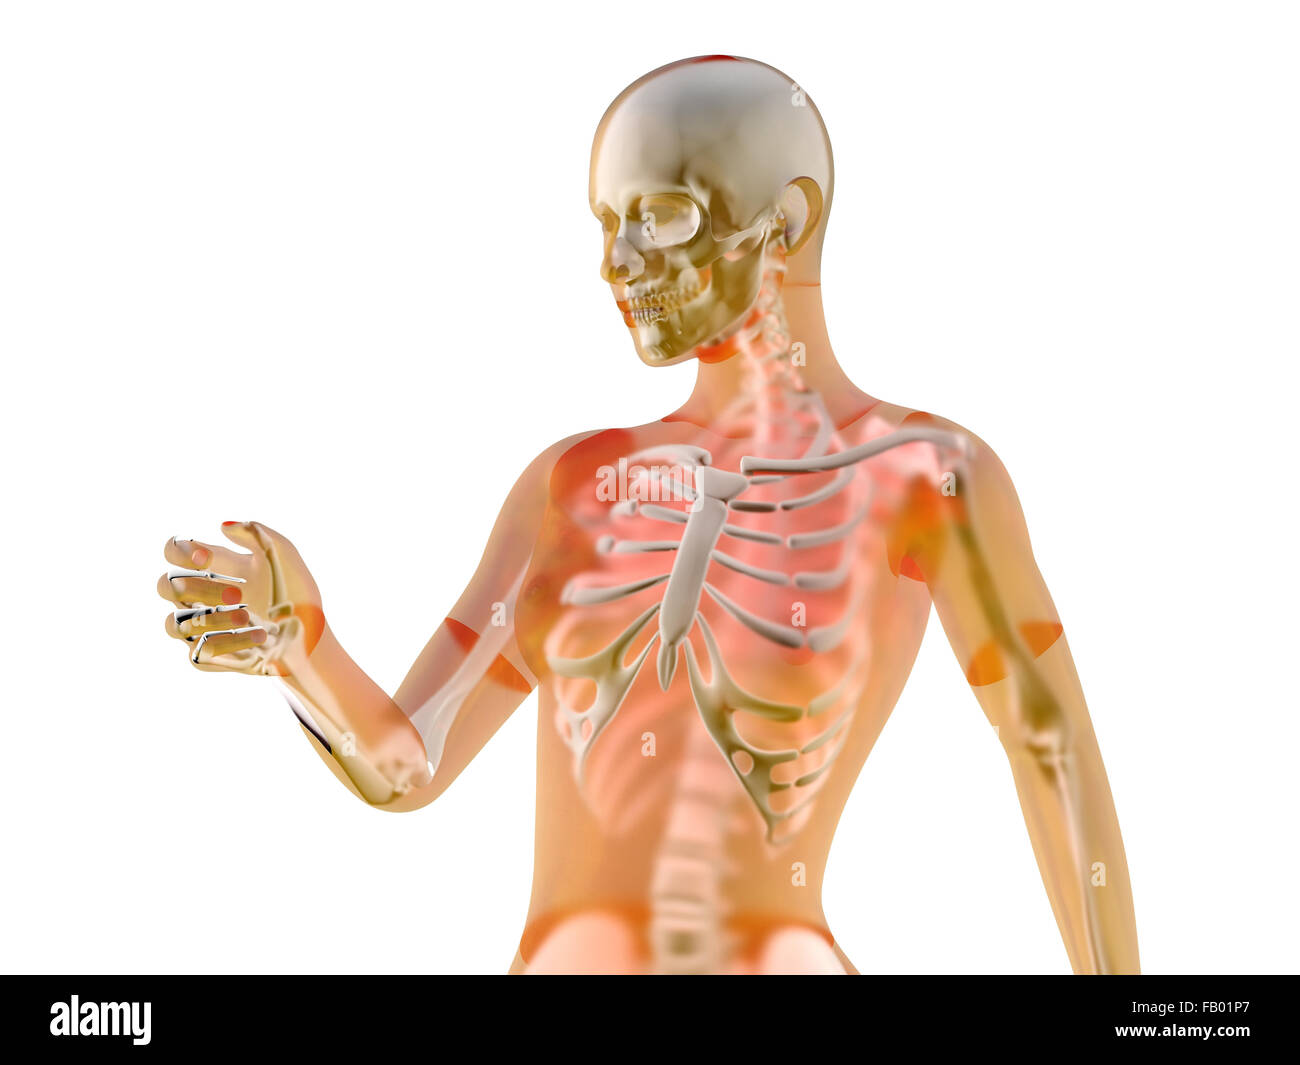 Ausgezeichnet Weibliche Reproduktion Ideen - Menschliche Anatomie ...